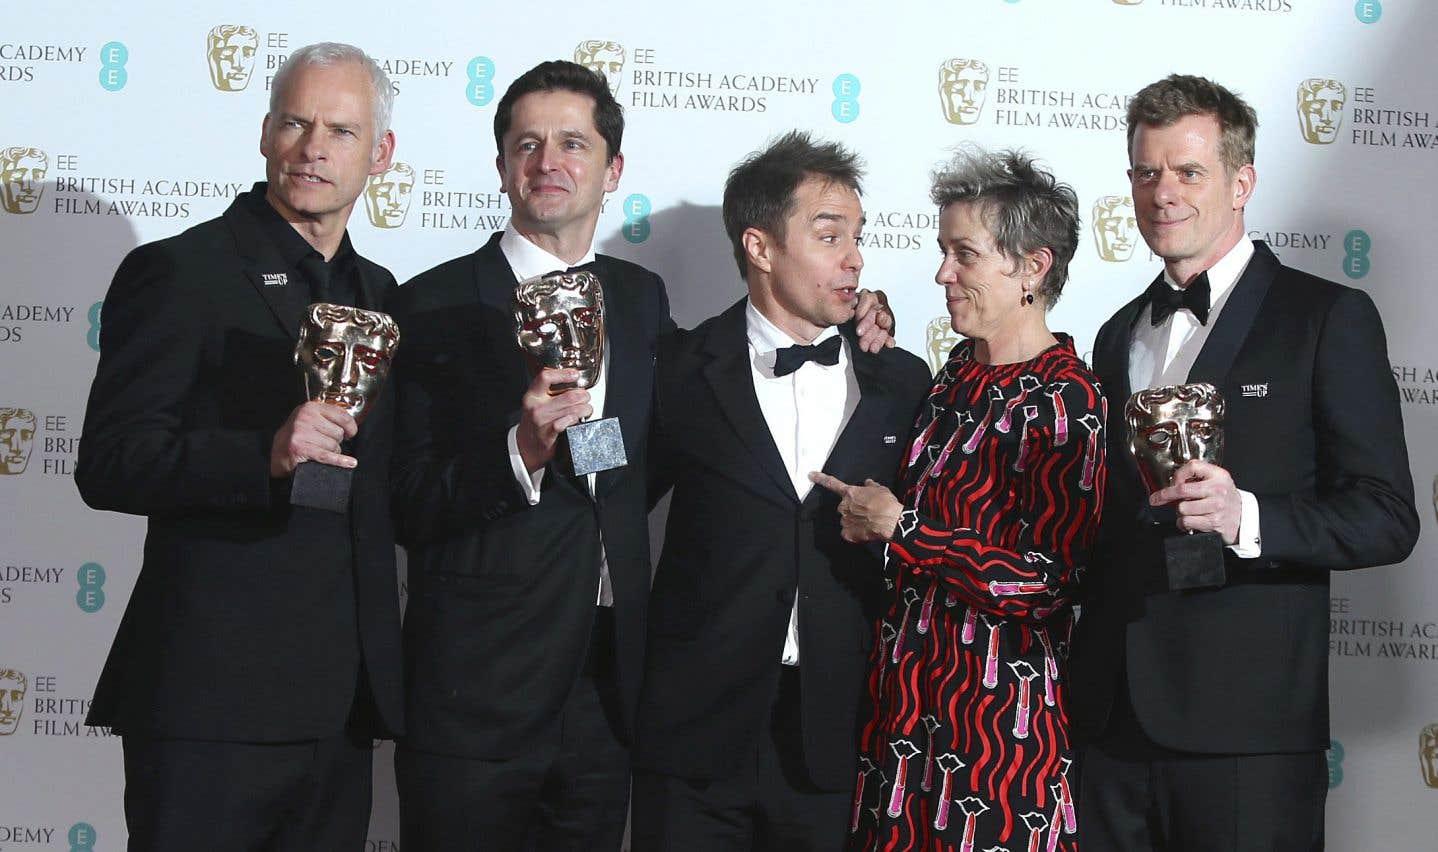 Le réalisateur Martin McDonagh, le producteur Peter Czemin, les acteurs Sam Rockwell, Frances McDormand et le producteur Graham Broadbent posent après avoir remporté leur prix.